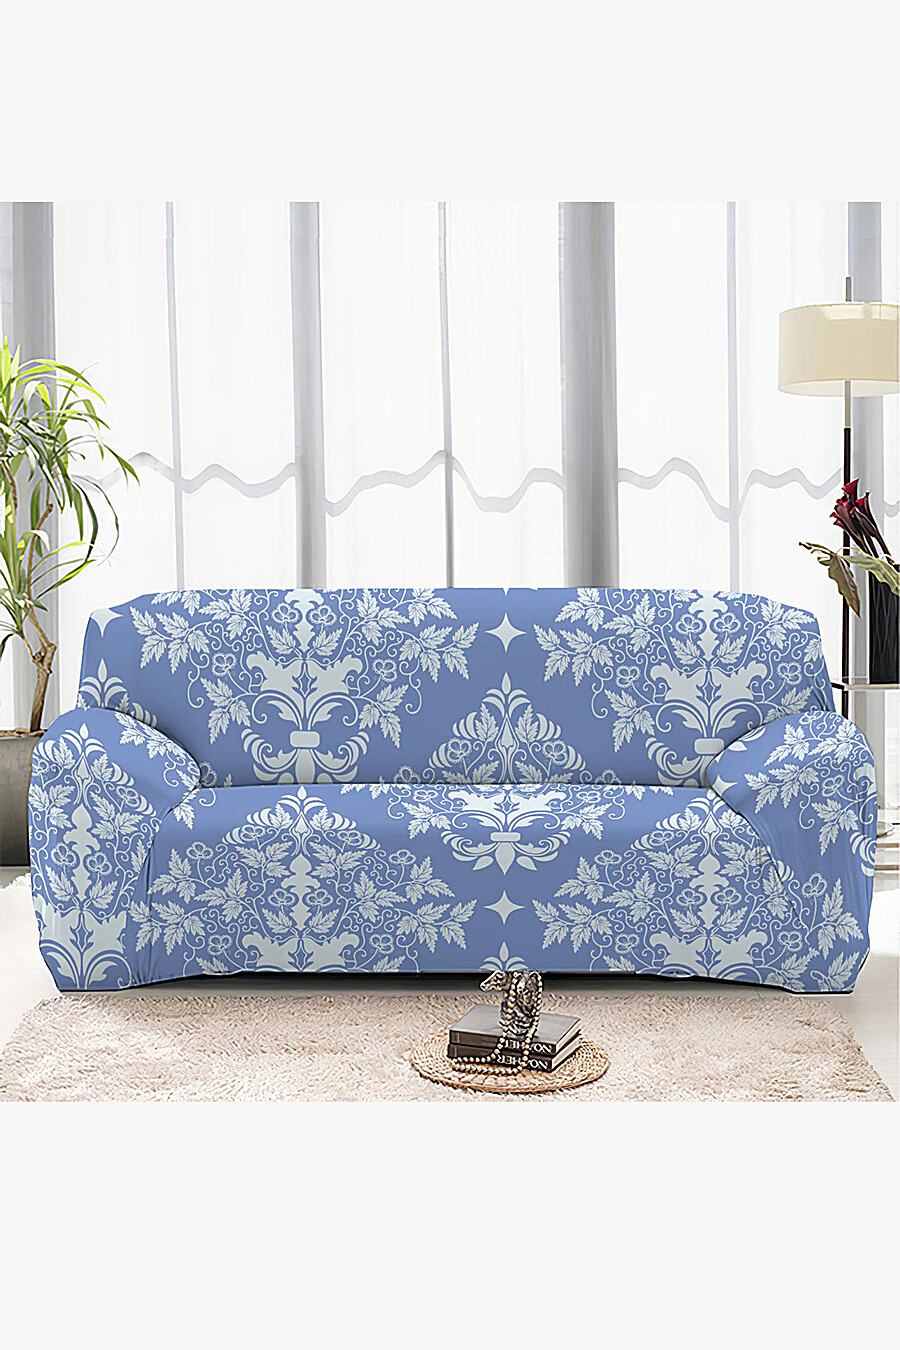 Чехол на диван для дома ART HOME TEXTILE 162819 купить оптом от производителя. Совместная покупка товаров для дома в OptMoyo